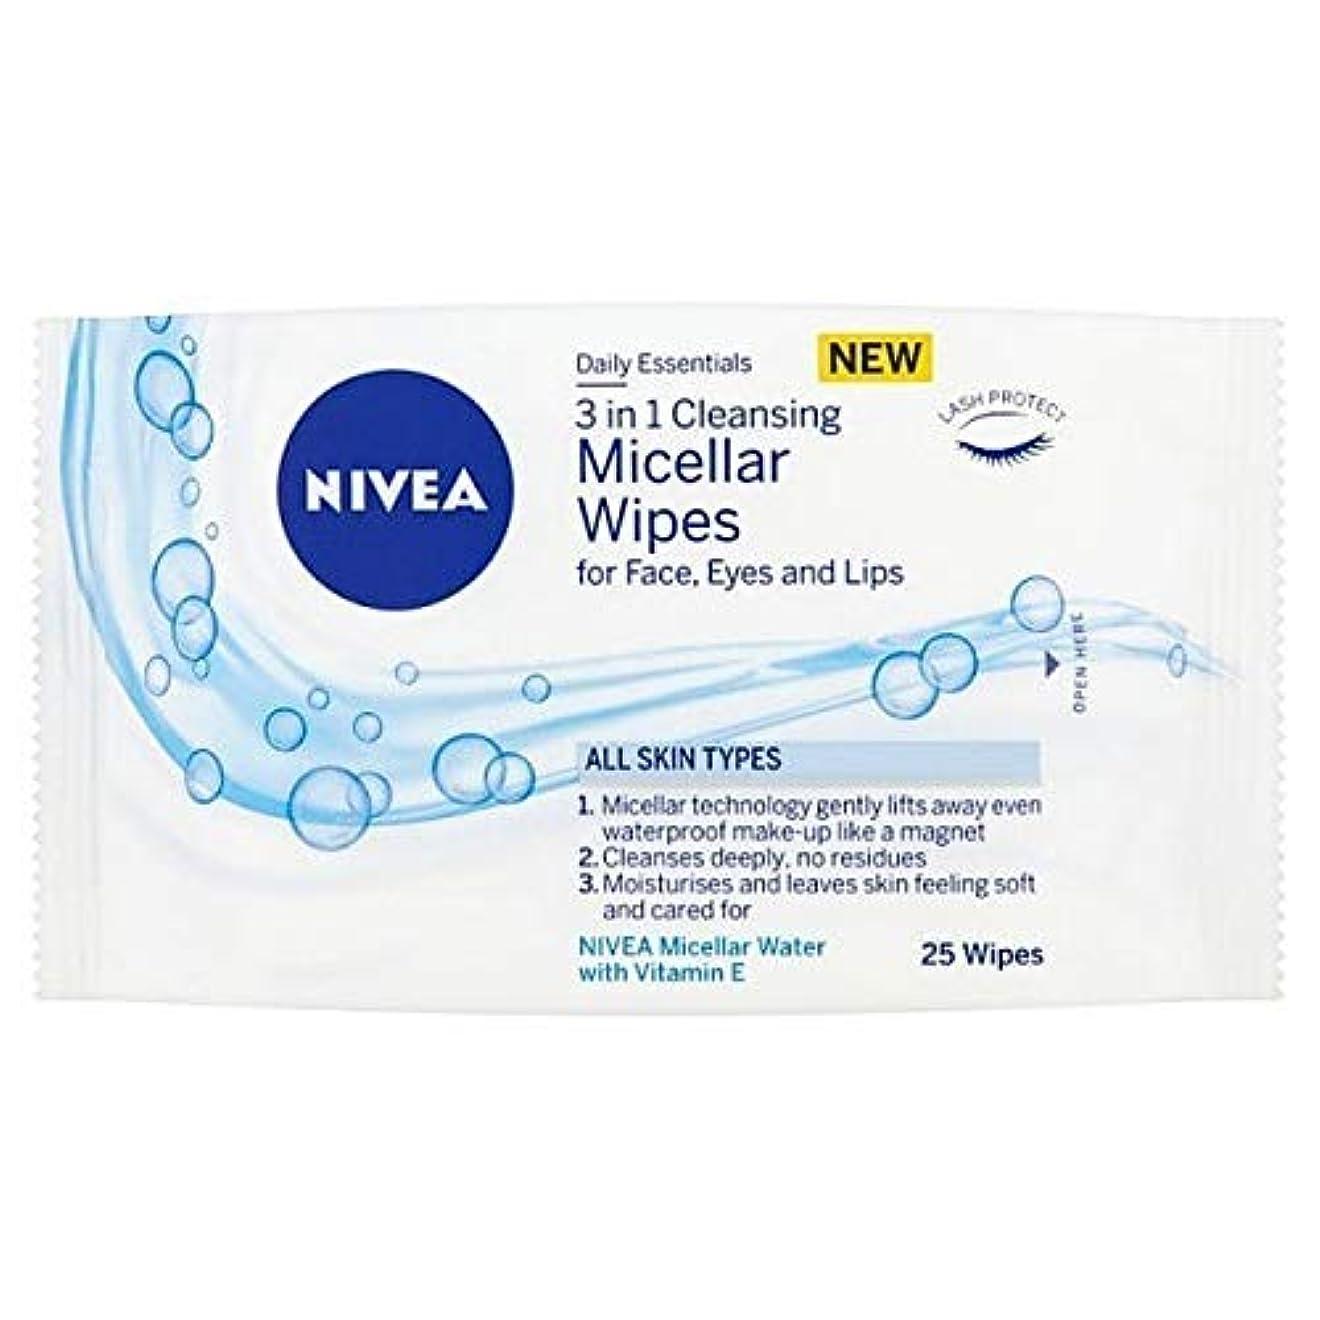 守る人気のシールド[Nivea ] ニベアミセルクレンジング顔は、25のワイプワイプ - NIVEA Micellar Cleansing Face Wipes, 25 wipes [並行輸入品]